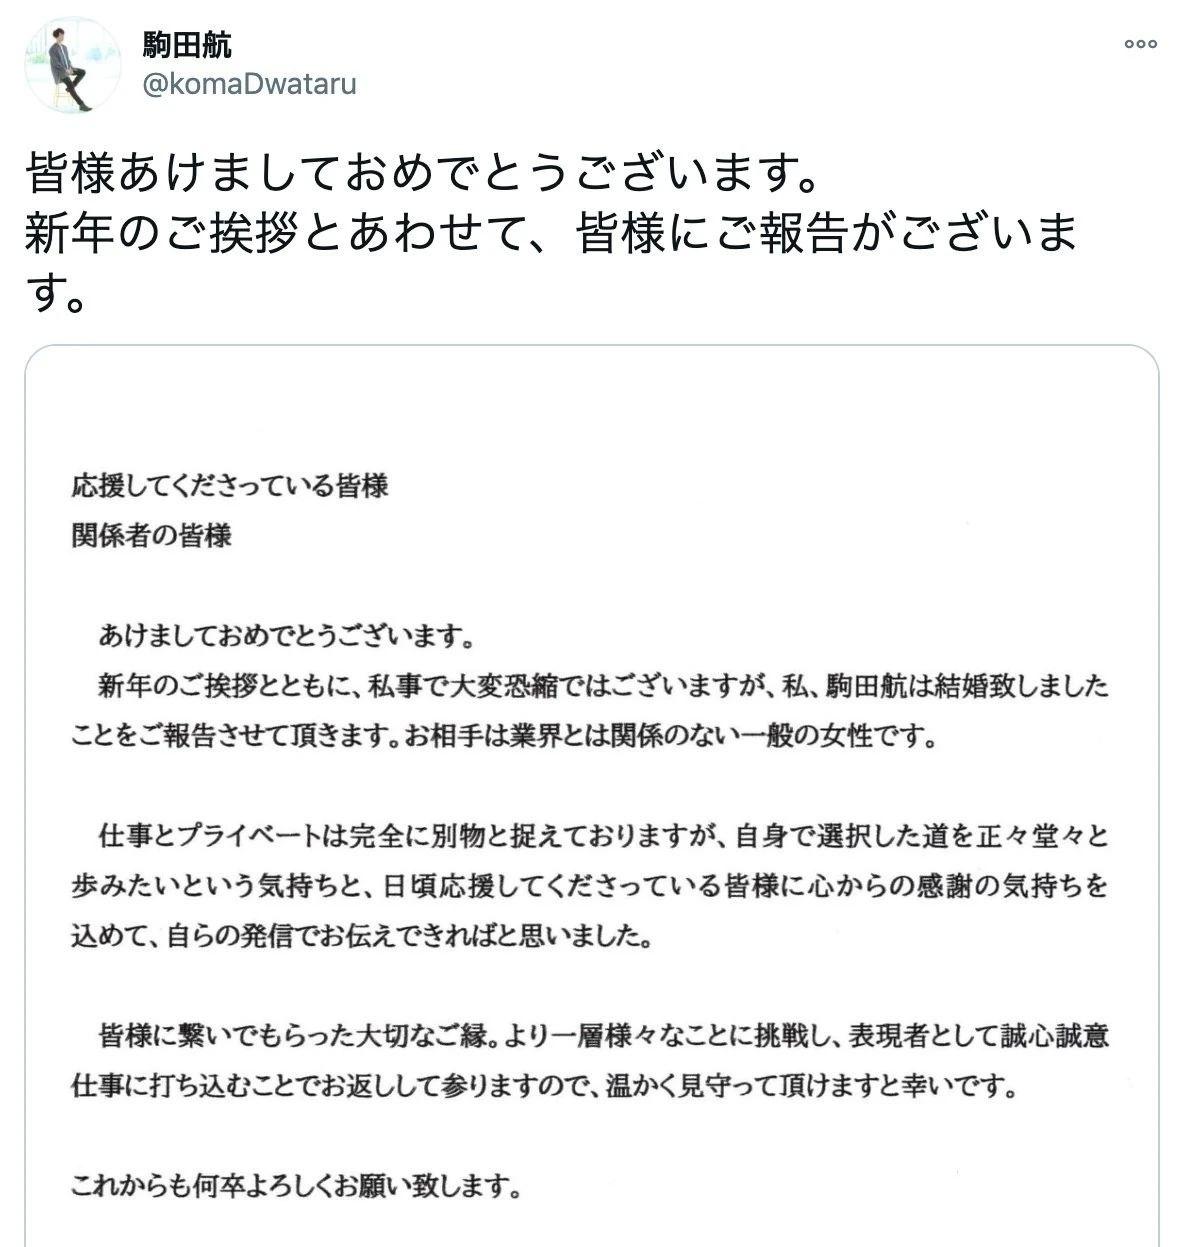 日本声优驹田航认为婚后只要和其他女性朋友身体上没有亲密的行为就不算出轨 (5)